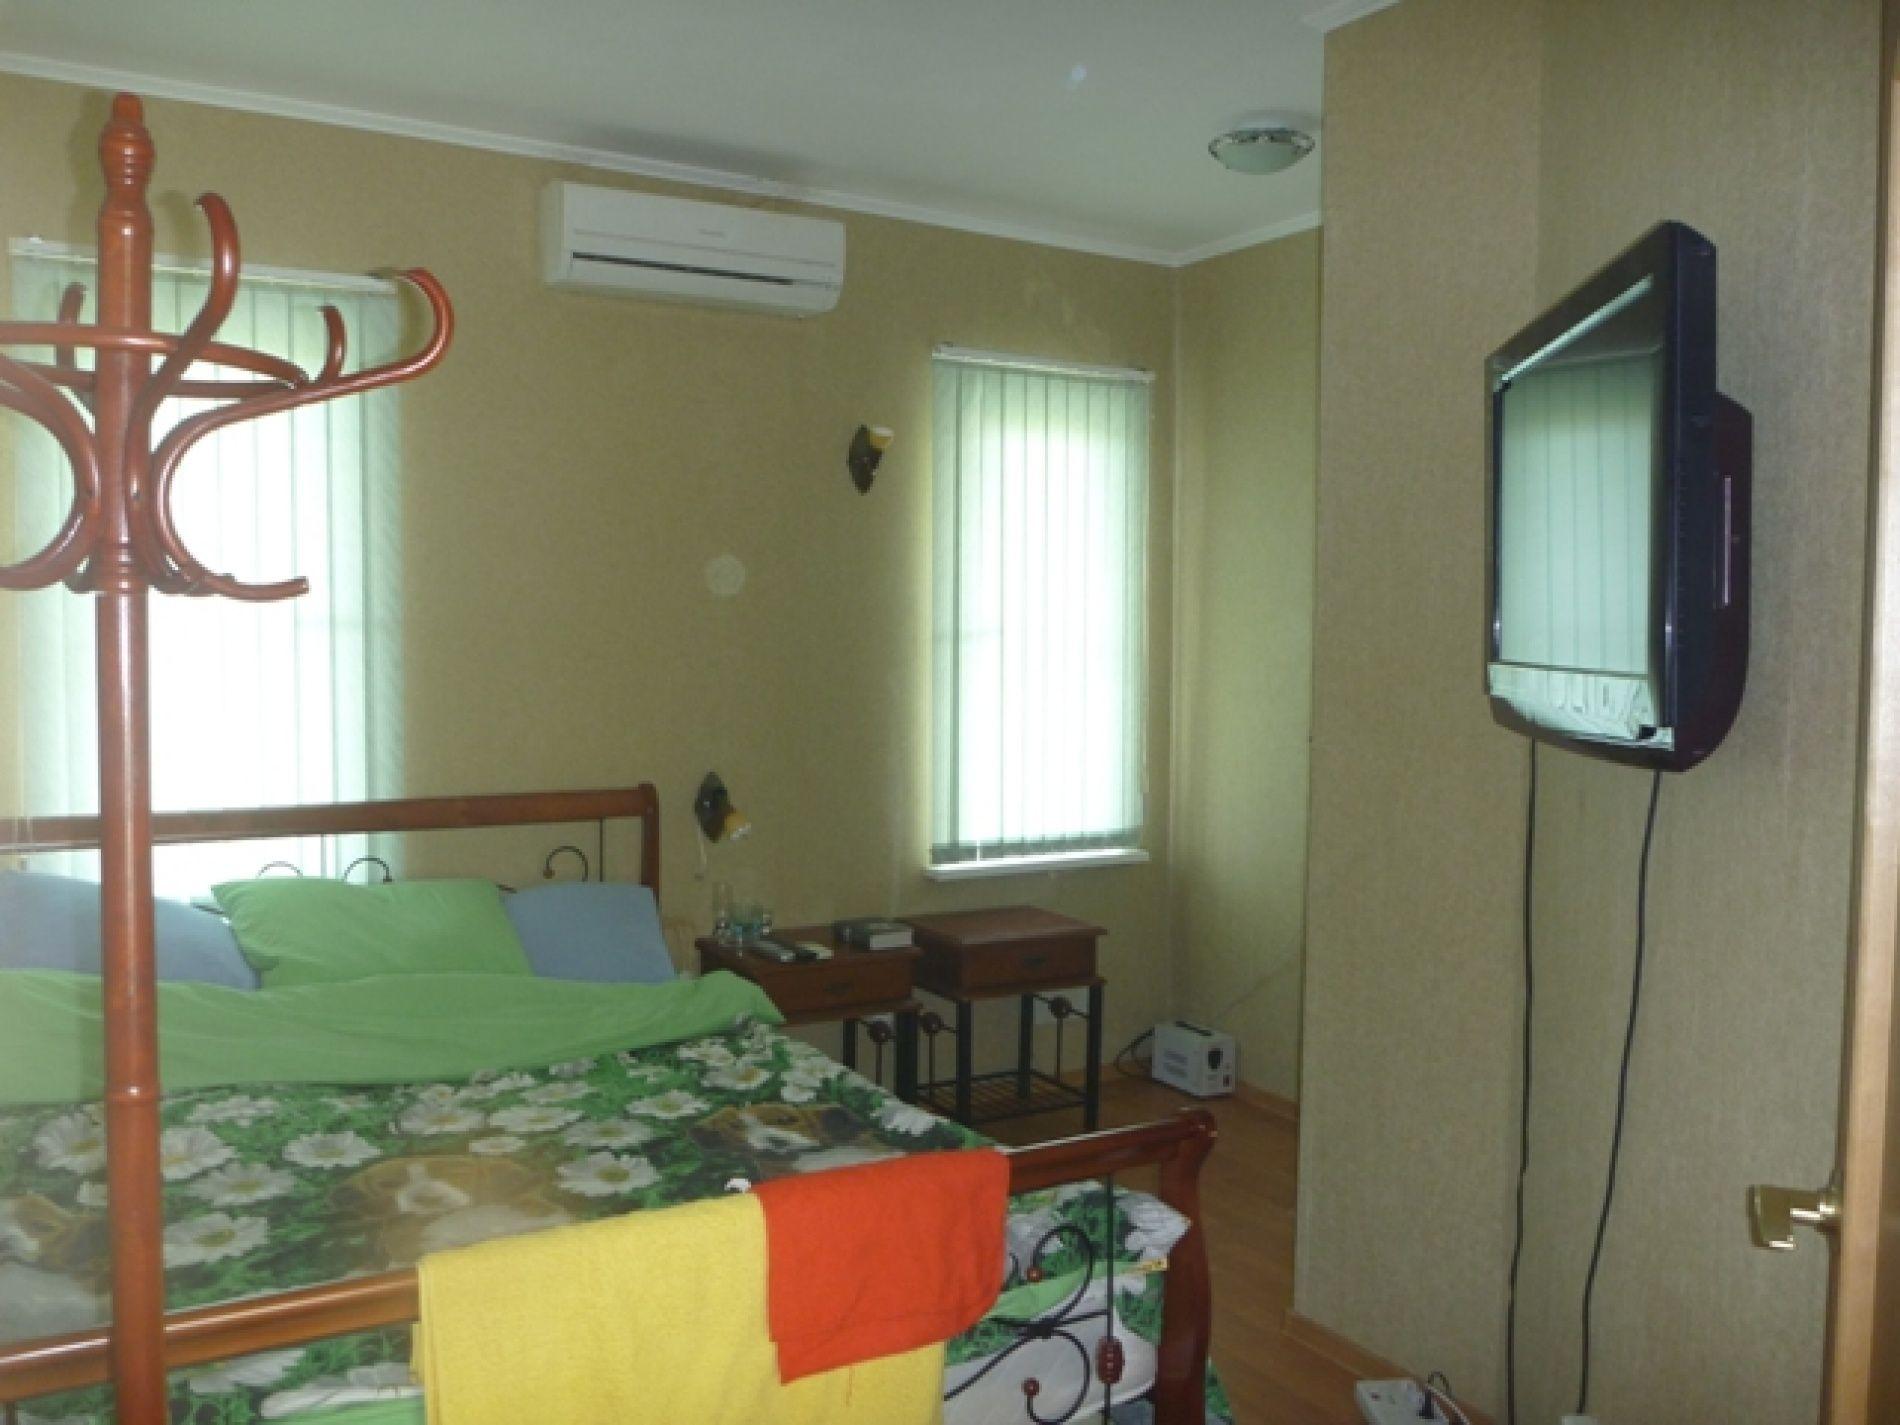 """База отдыха """"Абдулкин Ерик"""" Астраханская область 2-х комнатные двухместные номера в Плавучей гостинице, фото 3"""